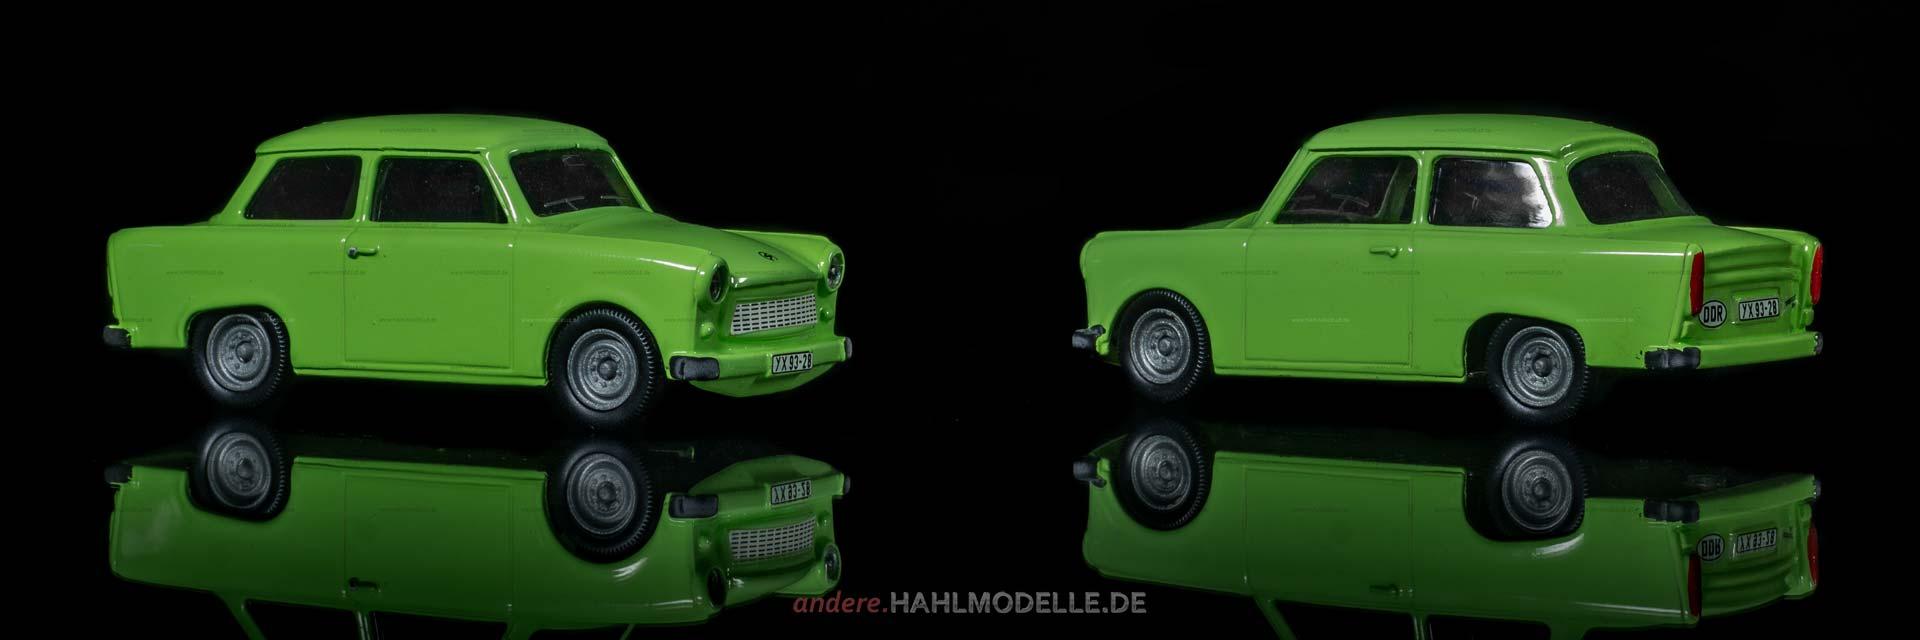 Sachsenring Automobilwerke Trabant 601 | Limousine | Vitesse | www.andere.hahlmodelle.de